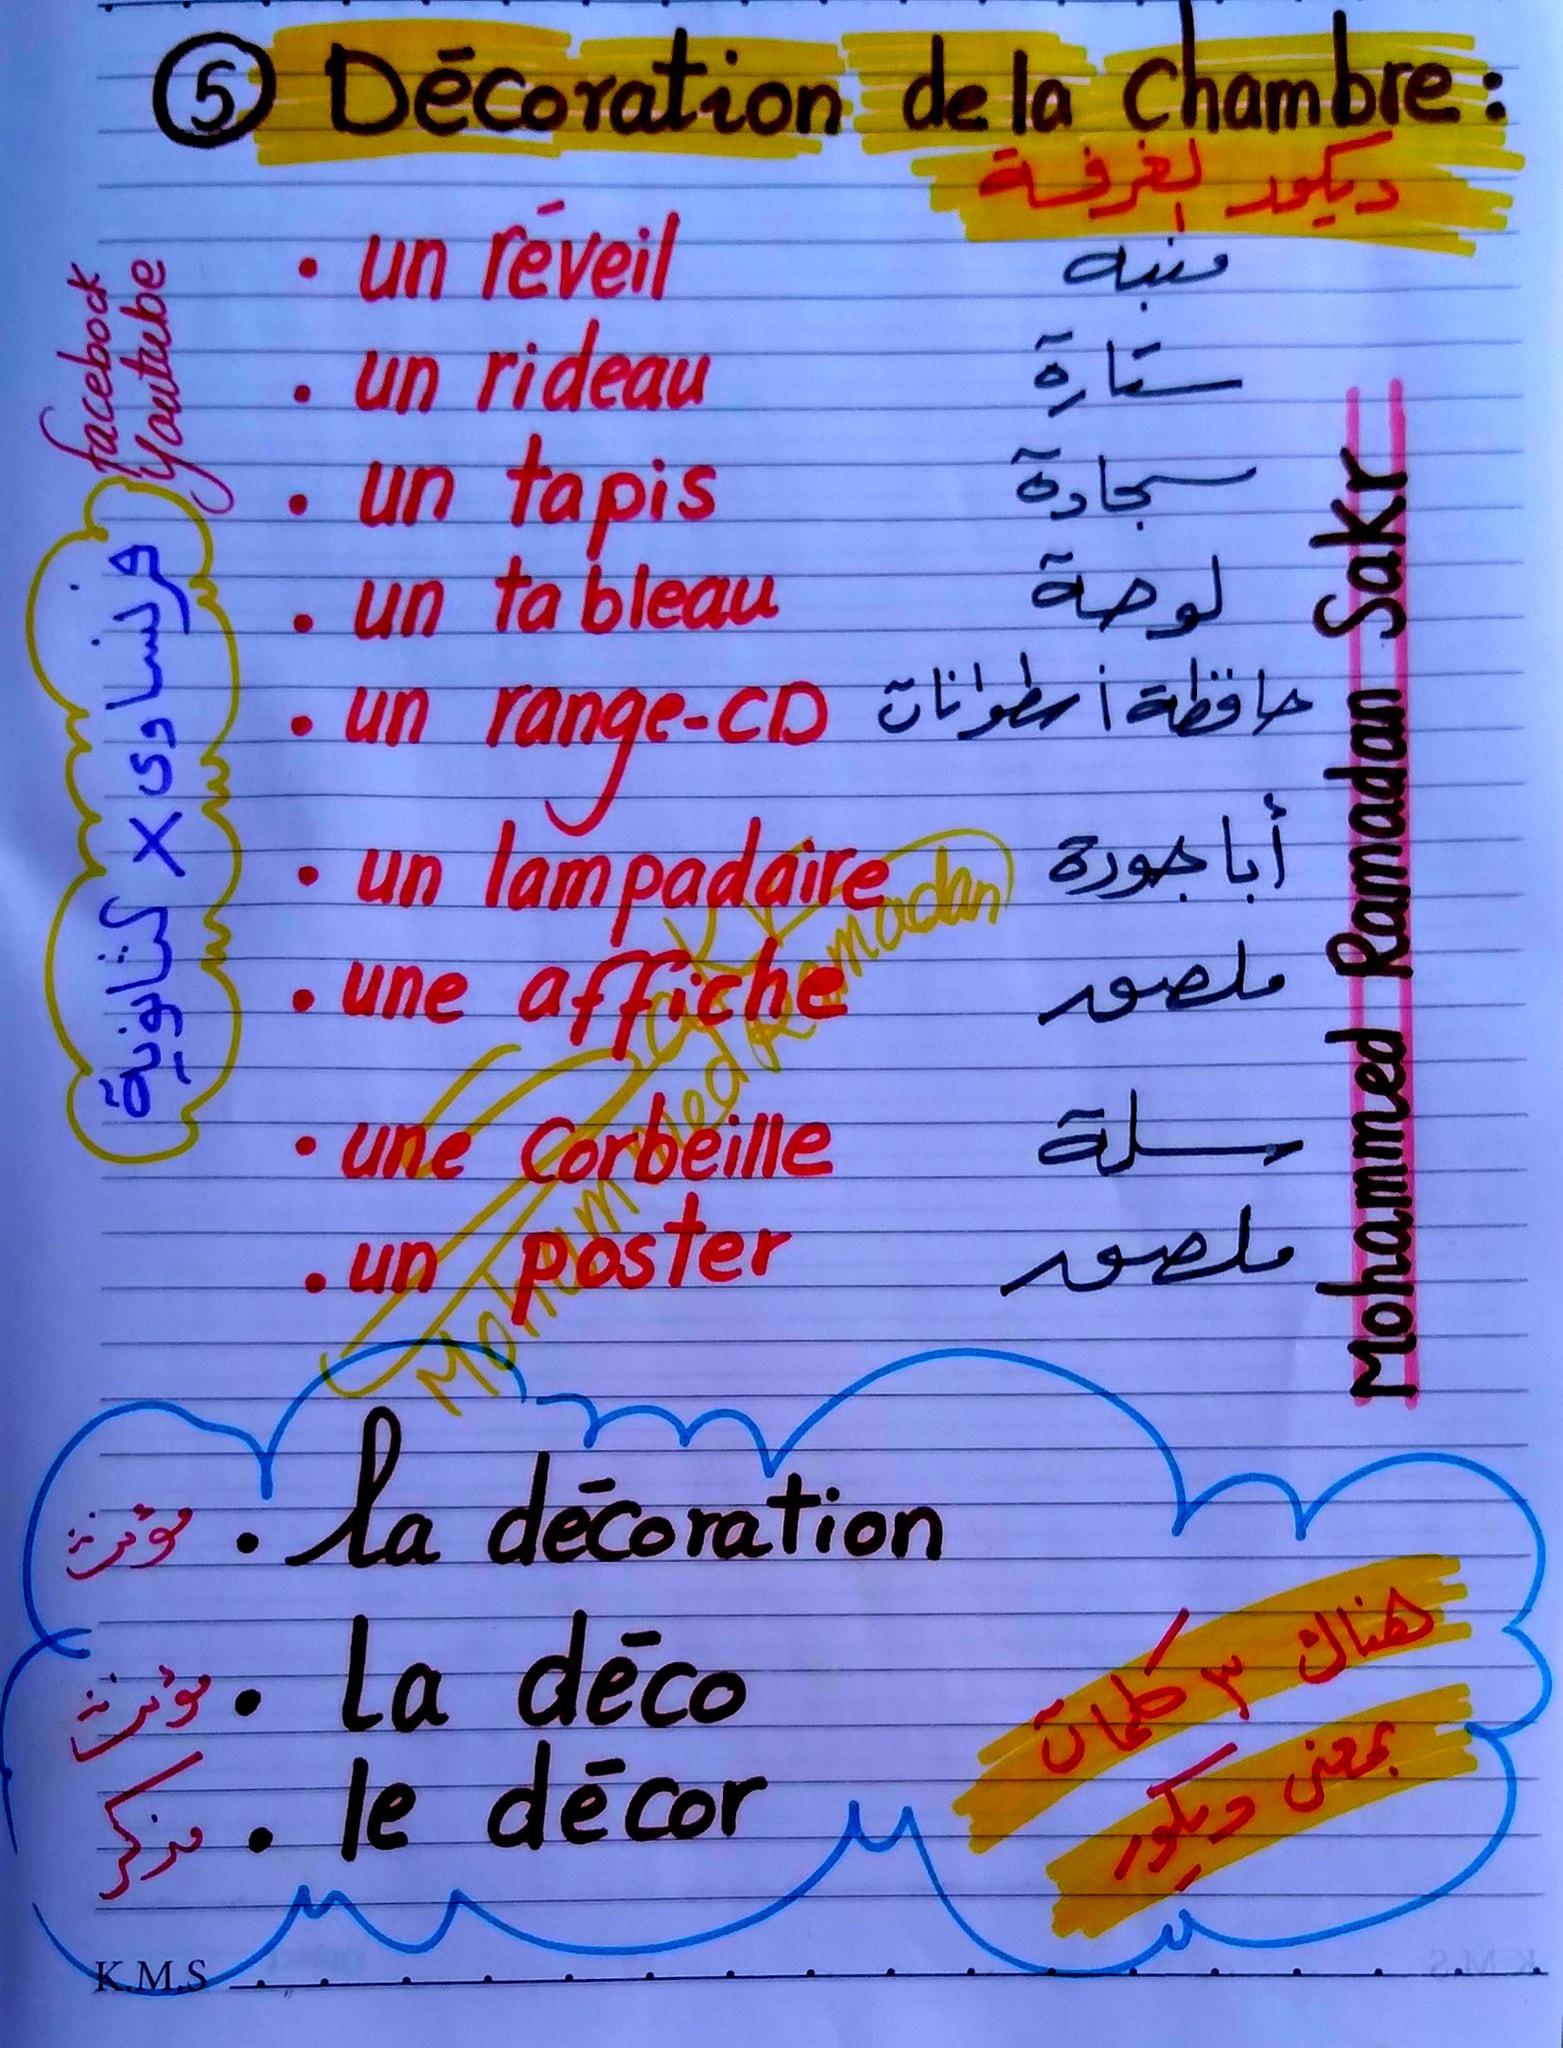 مراجعة لغة فرنسية للصف الثانى الثانوى ترم ثاني مسيو محمد رمضان 5